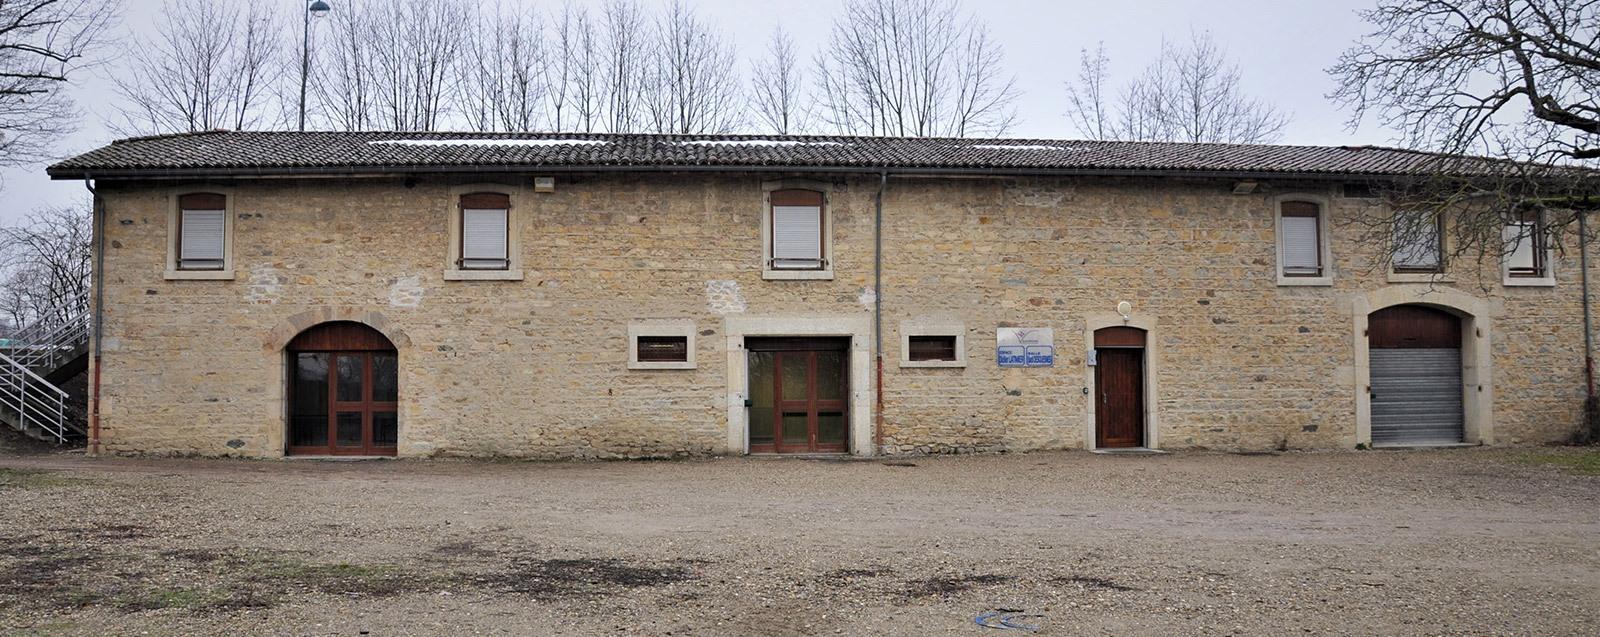 Salle Sadi Desquesnes, Villefontaine